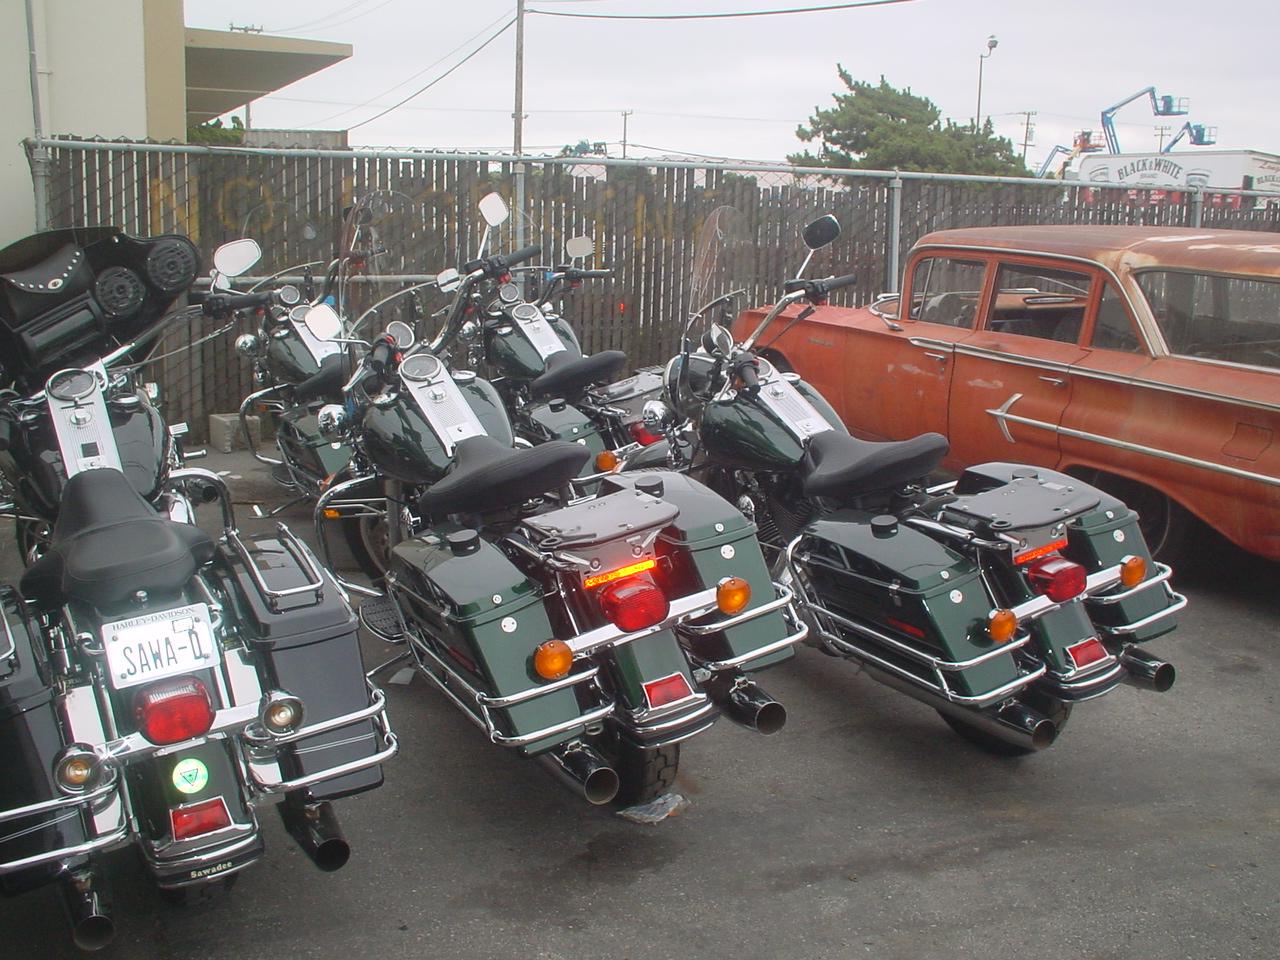 HD Roadking Police Fleet Sales